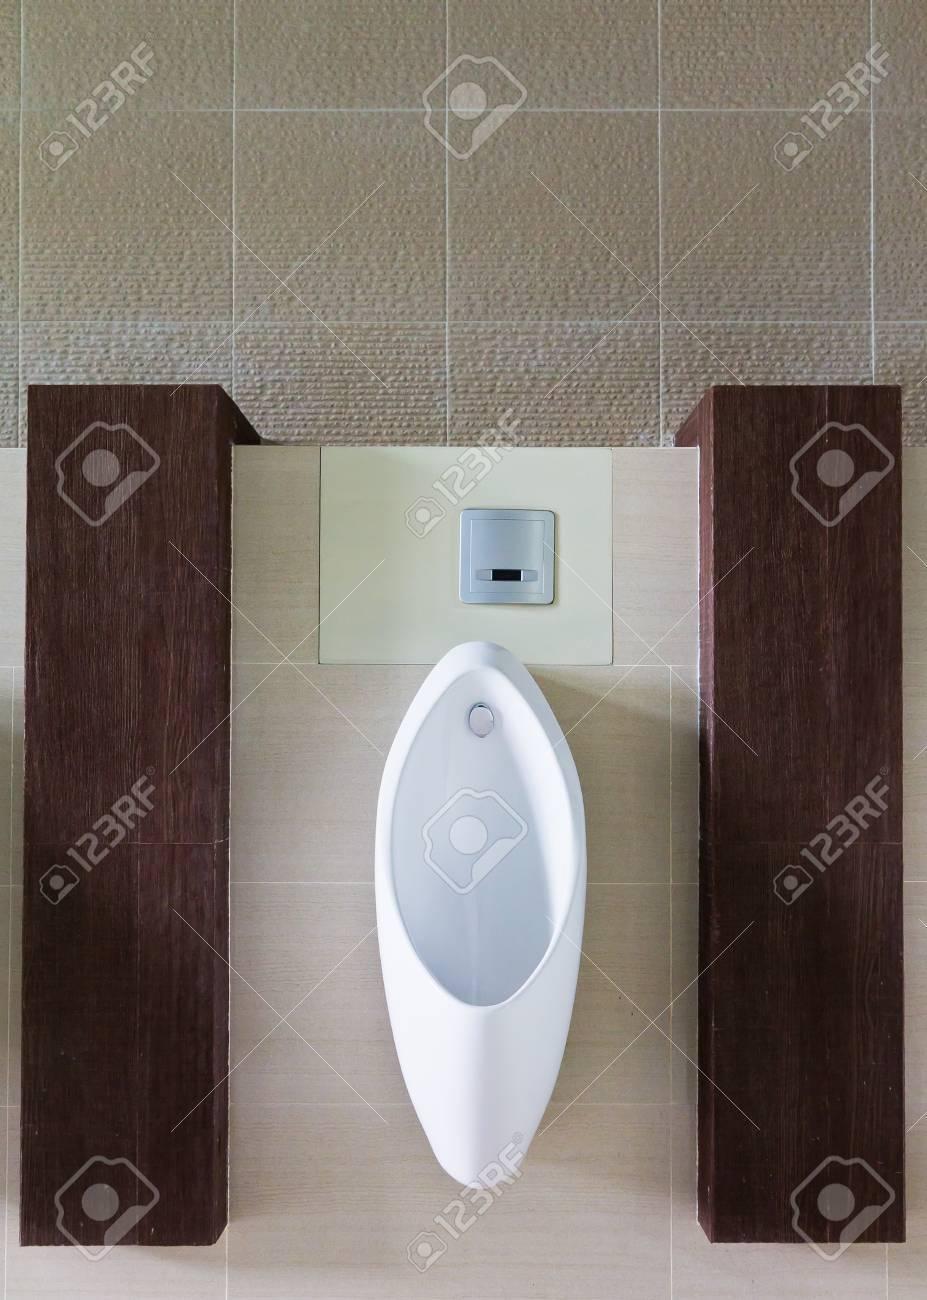 Urinals in the men's bathroom. Stock Photo - 10896245